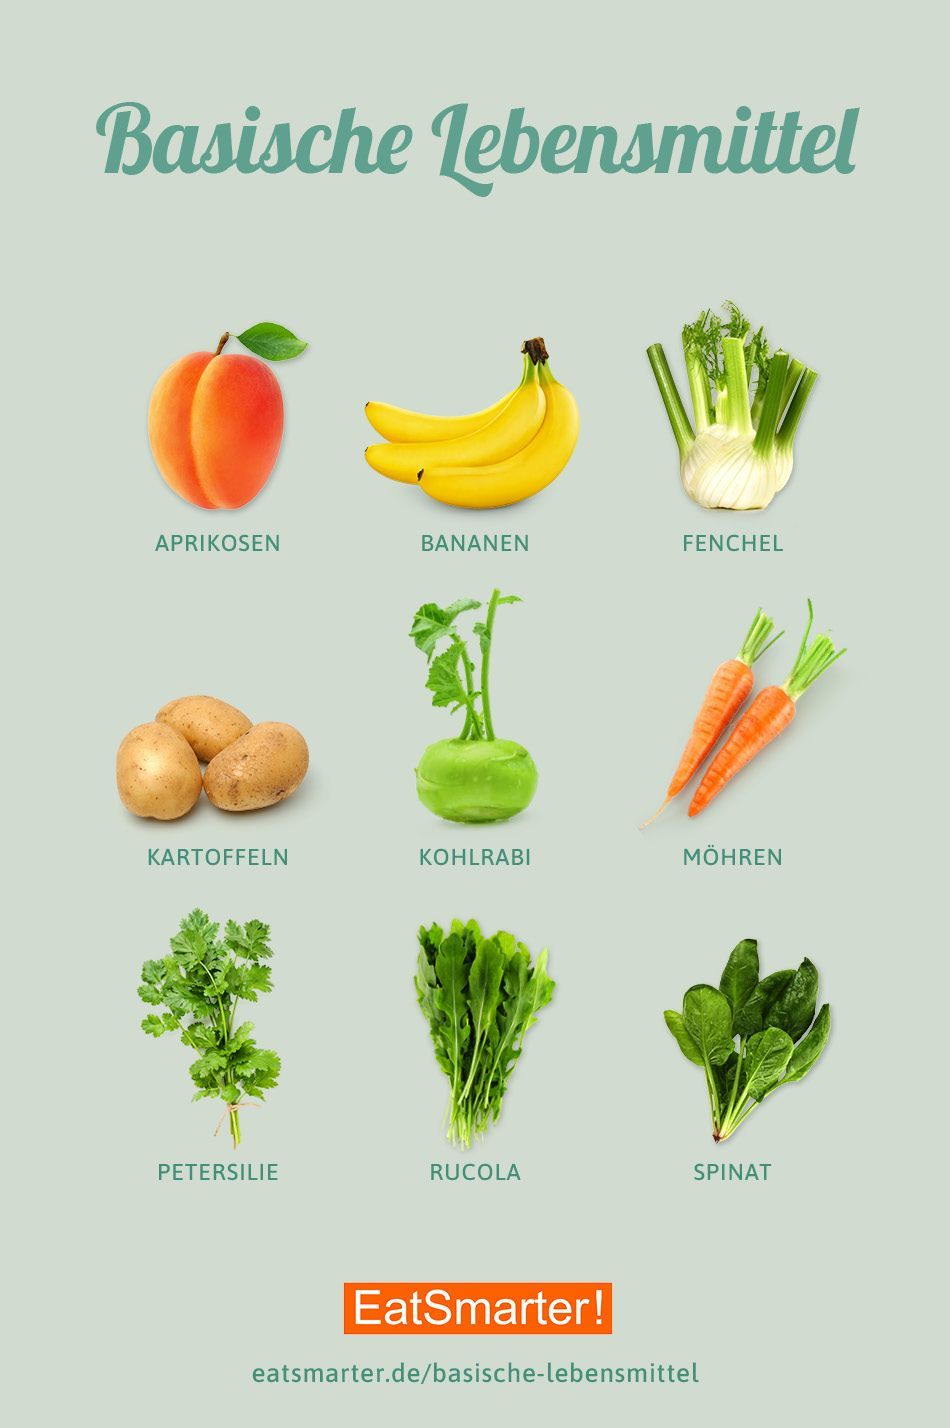 Top 9 Basische Lebensmittel #vitamins